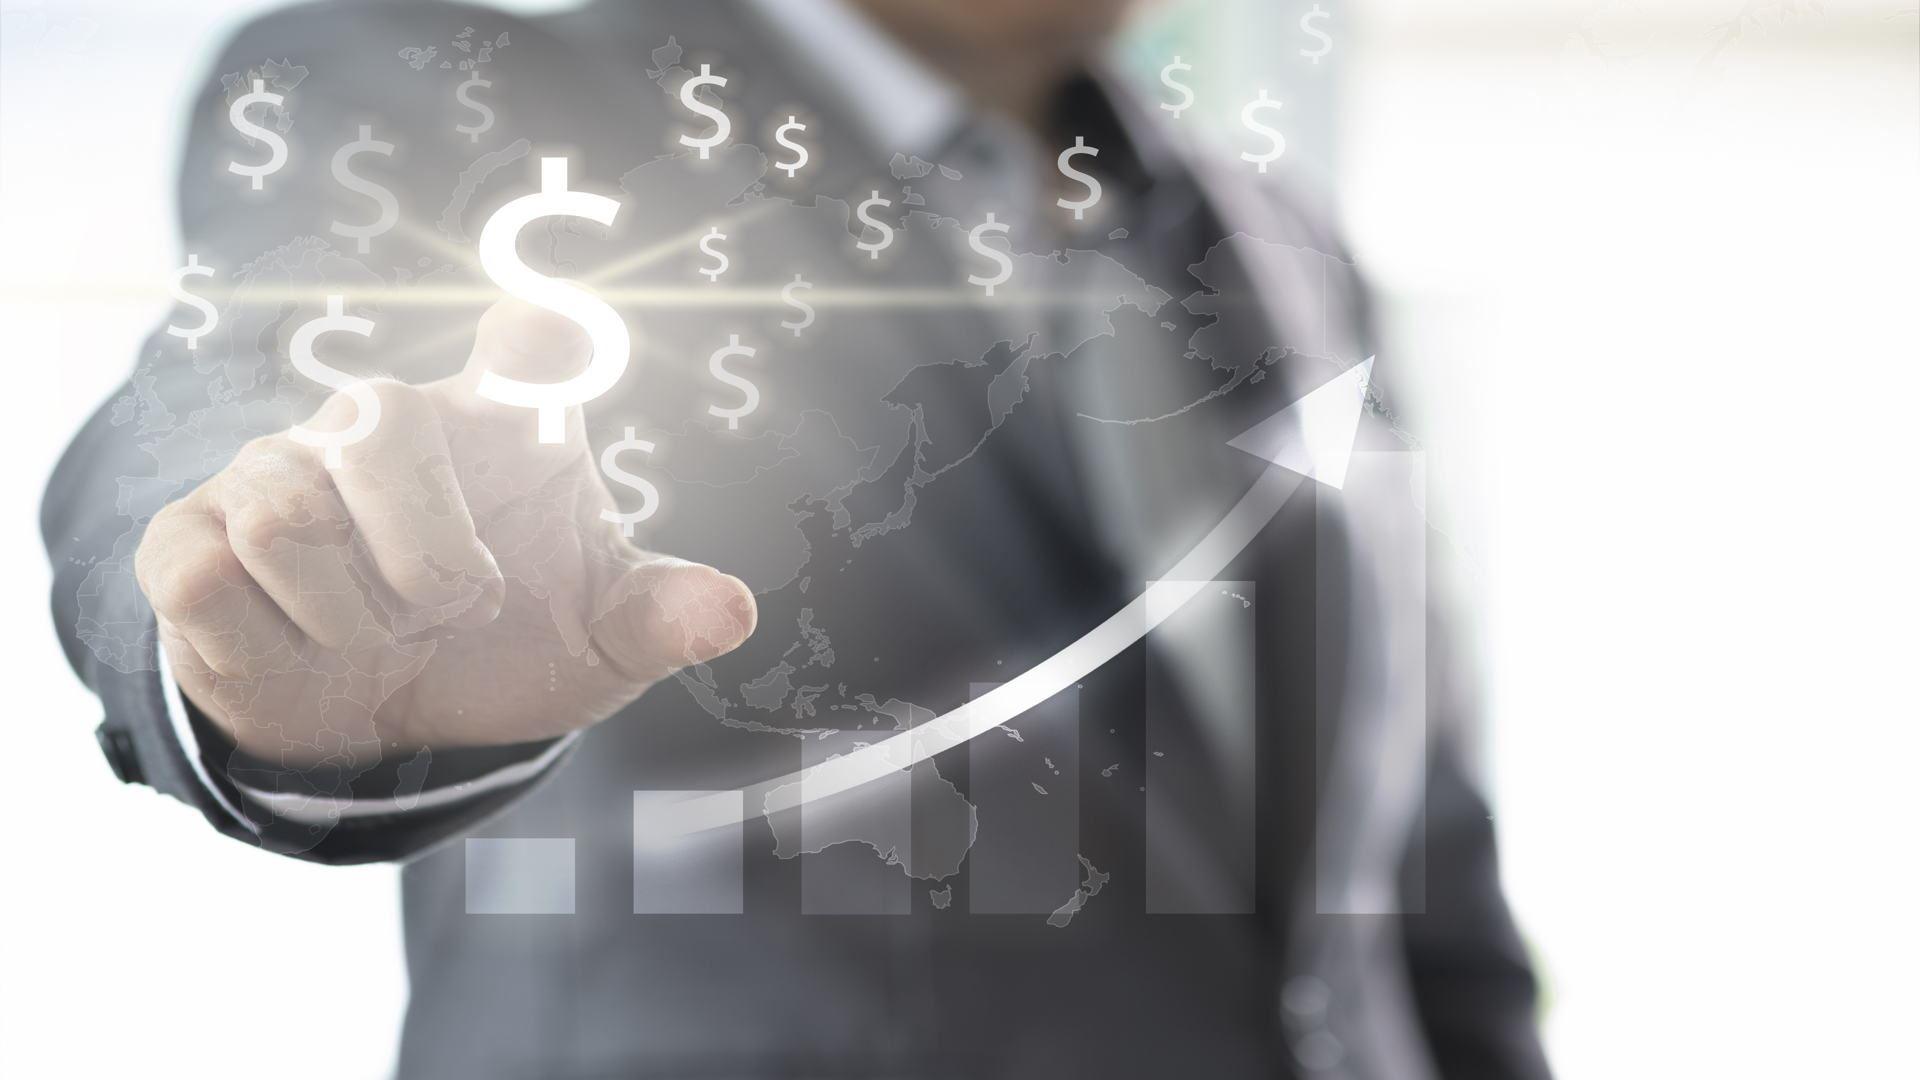 למה עסק רווחי צריך אשראי בנקאי ?